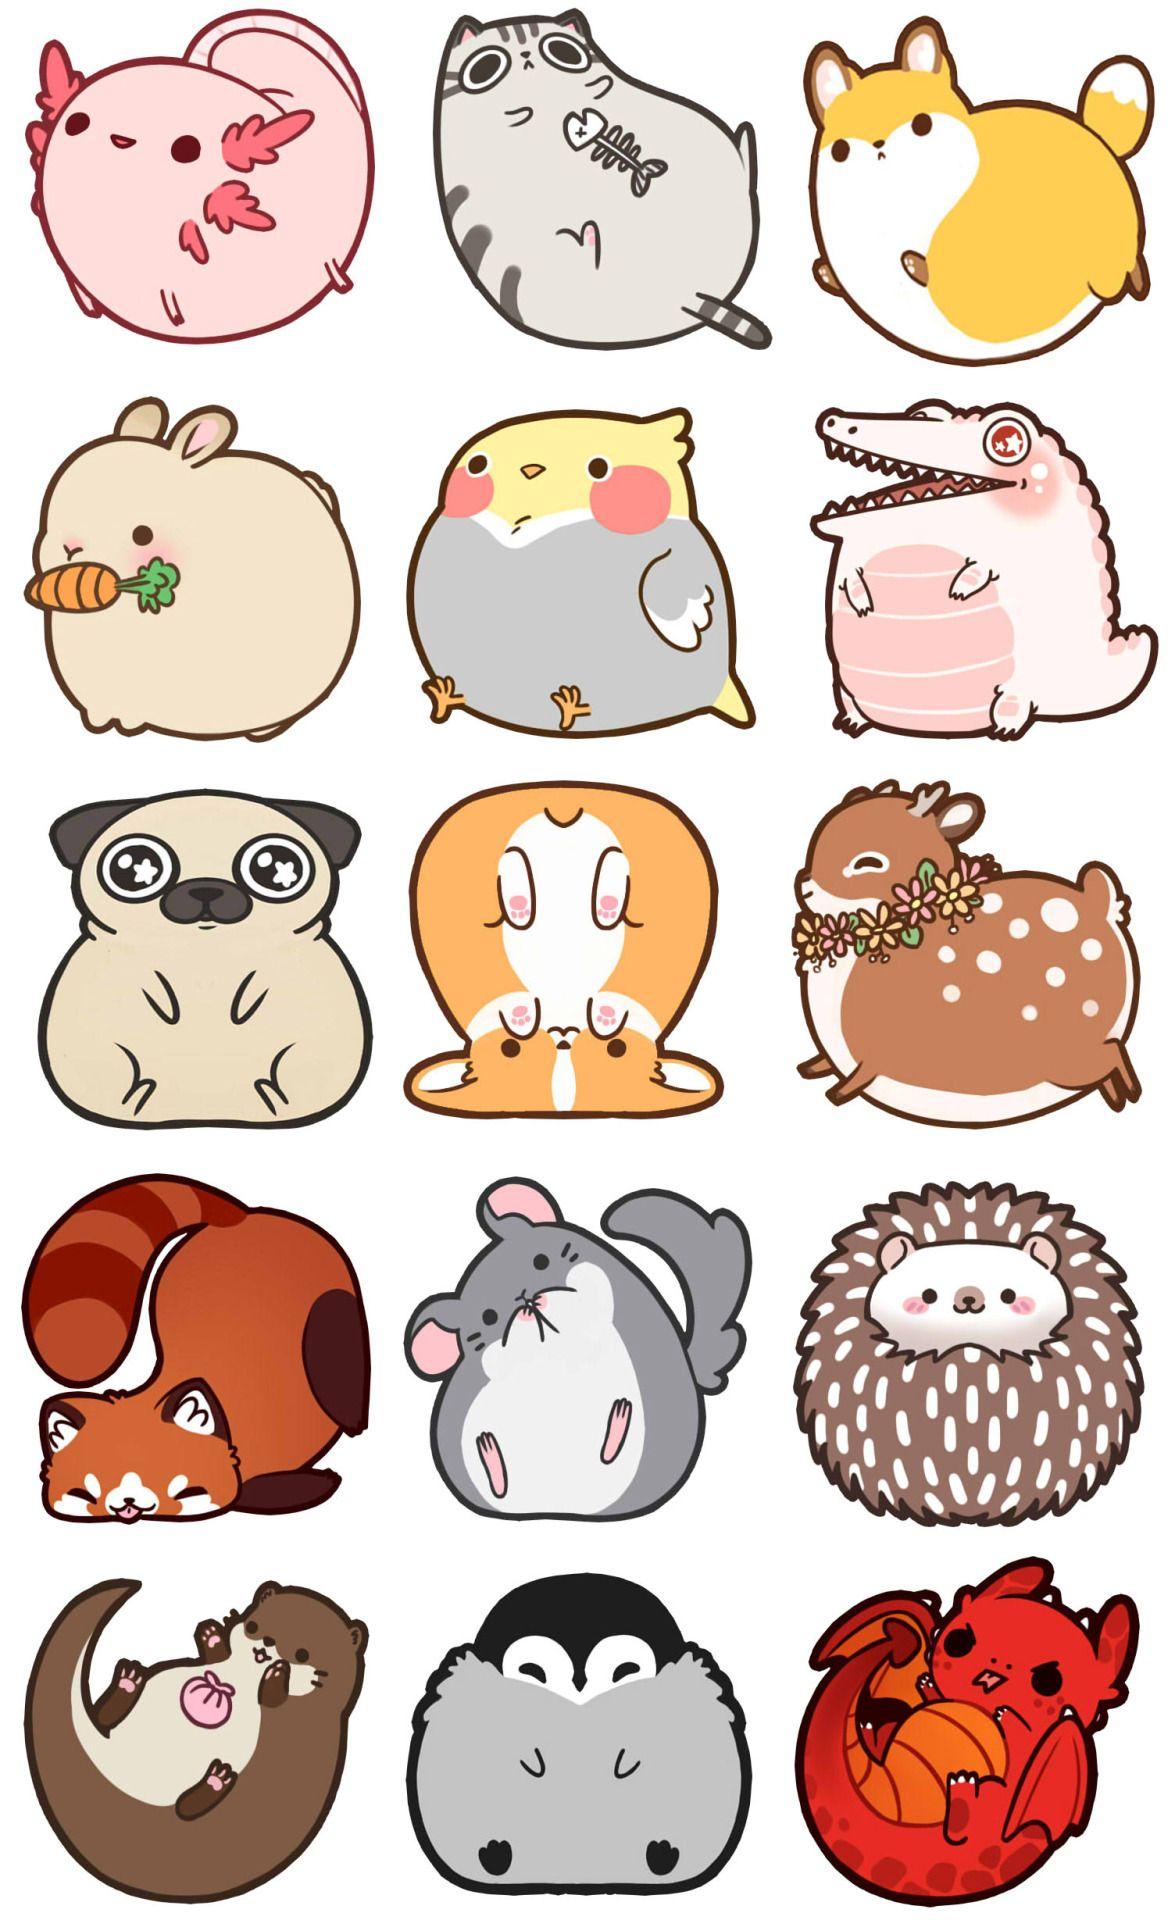 Only 4 Days To Go On Our Kickstarter I Just Danchou Dare Dibujos Kawaii Garabatos Lindos Dibujos Kawaii De Animales